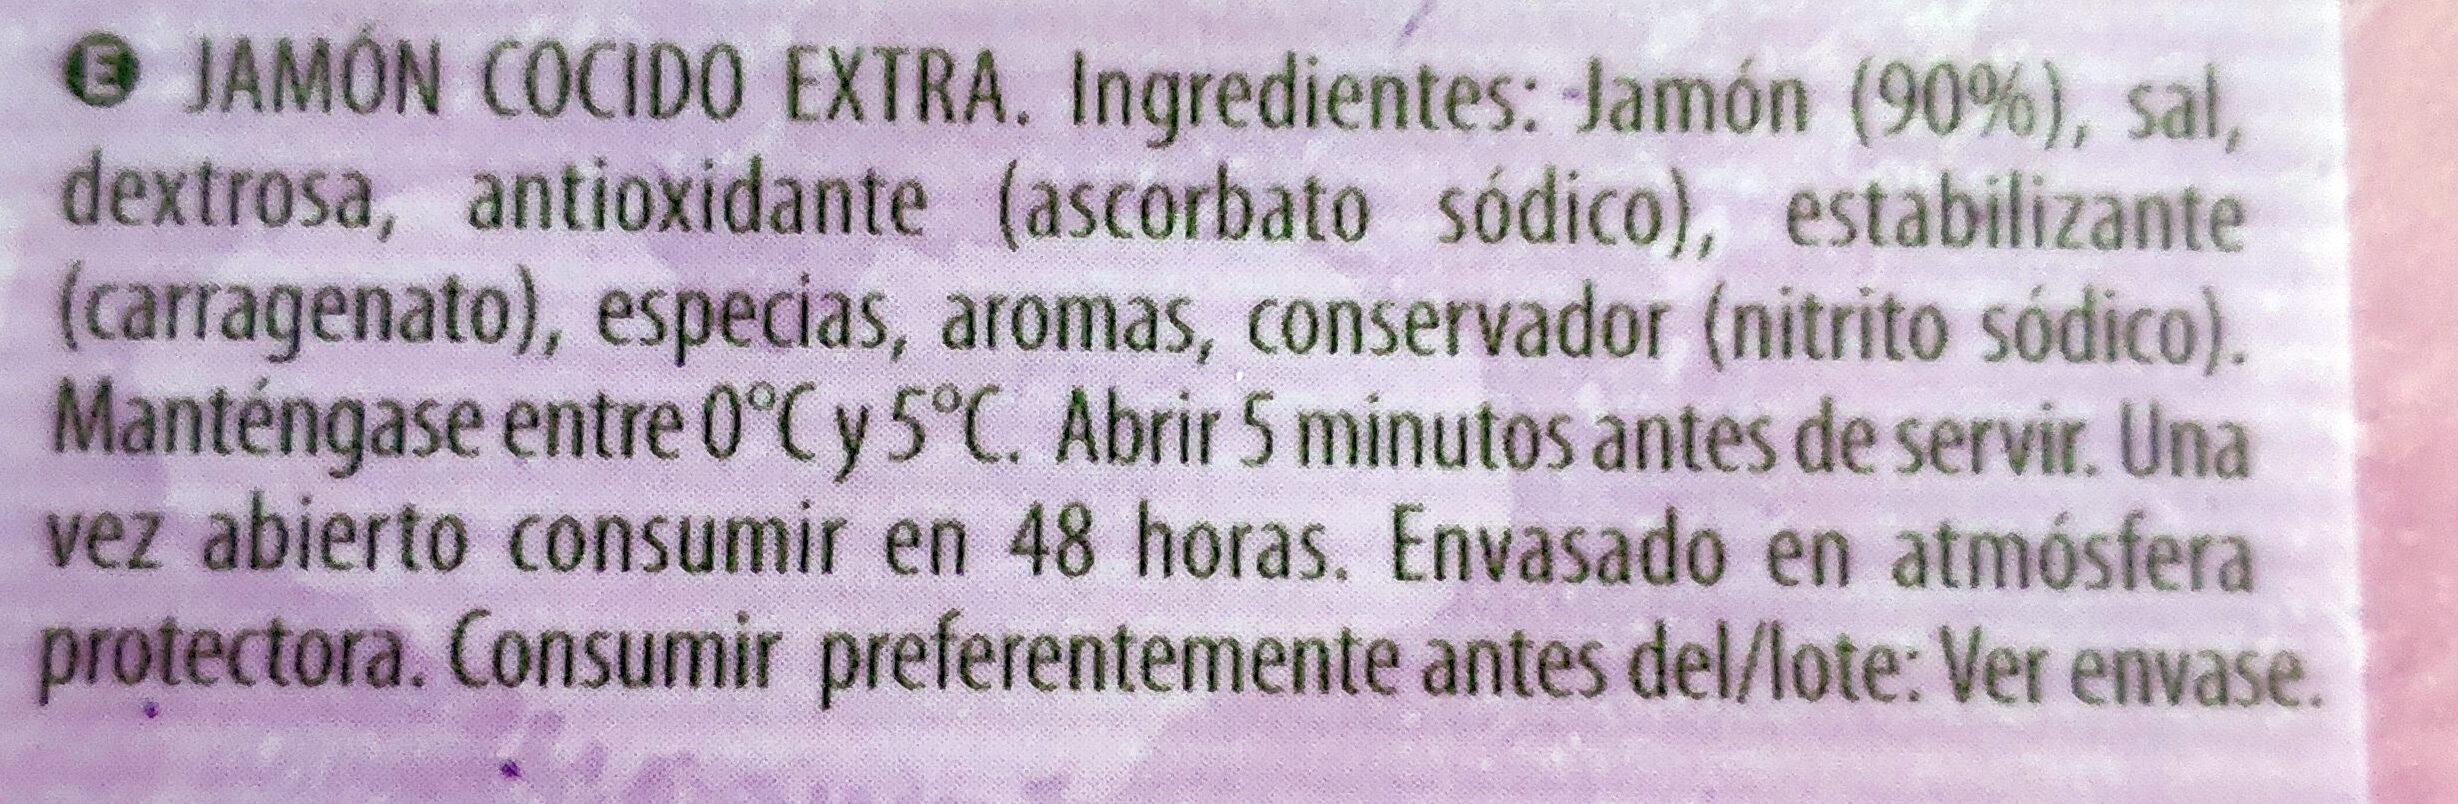 Jamón cocido natural - Ingrediënten - es